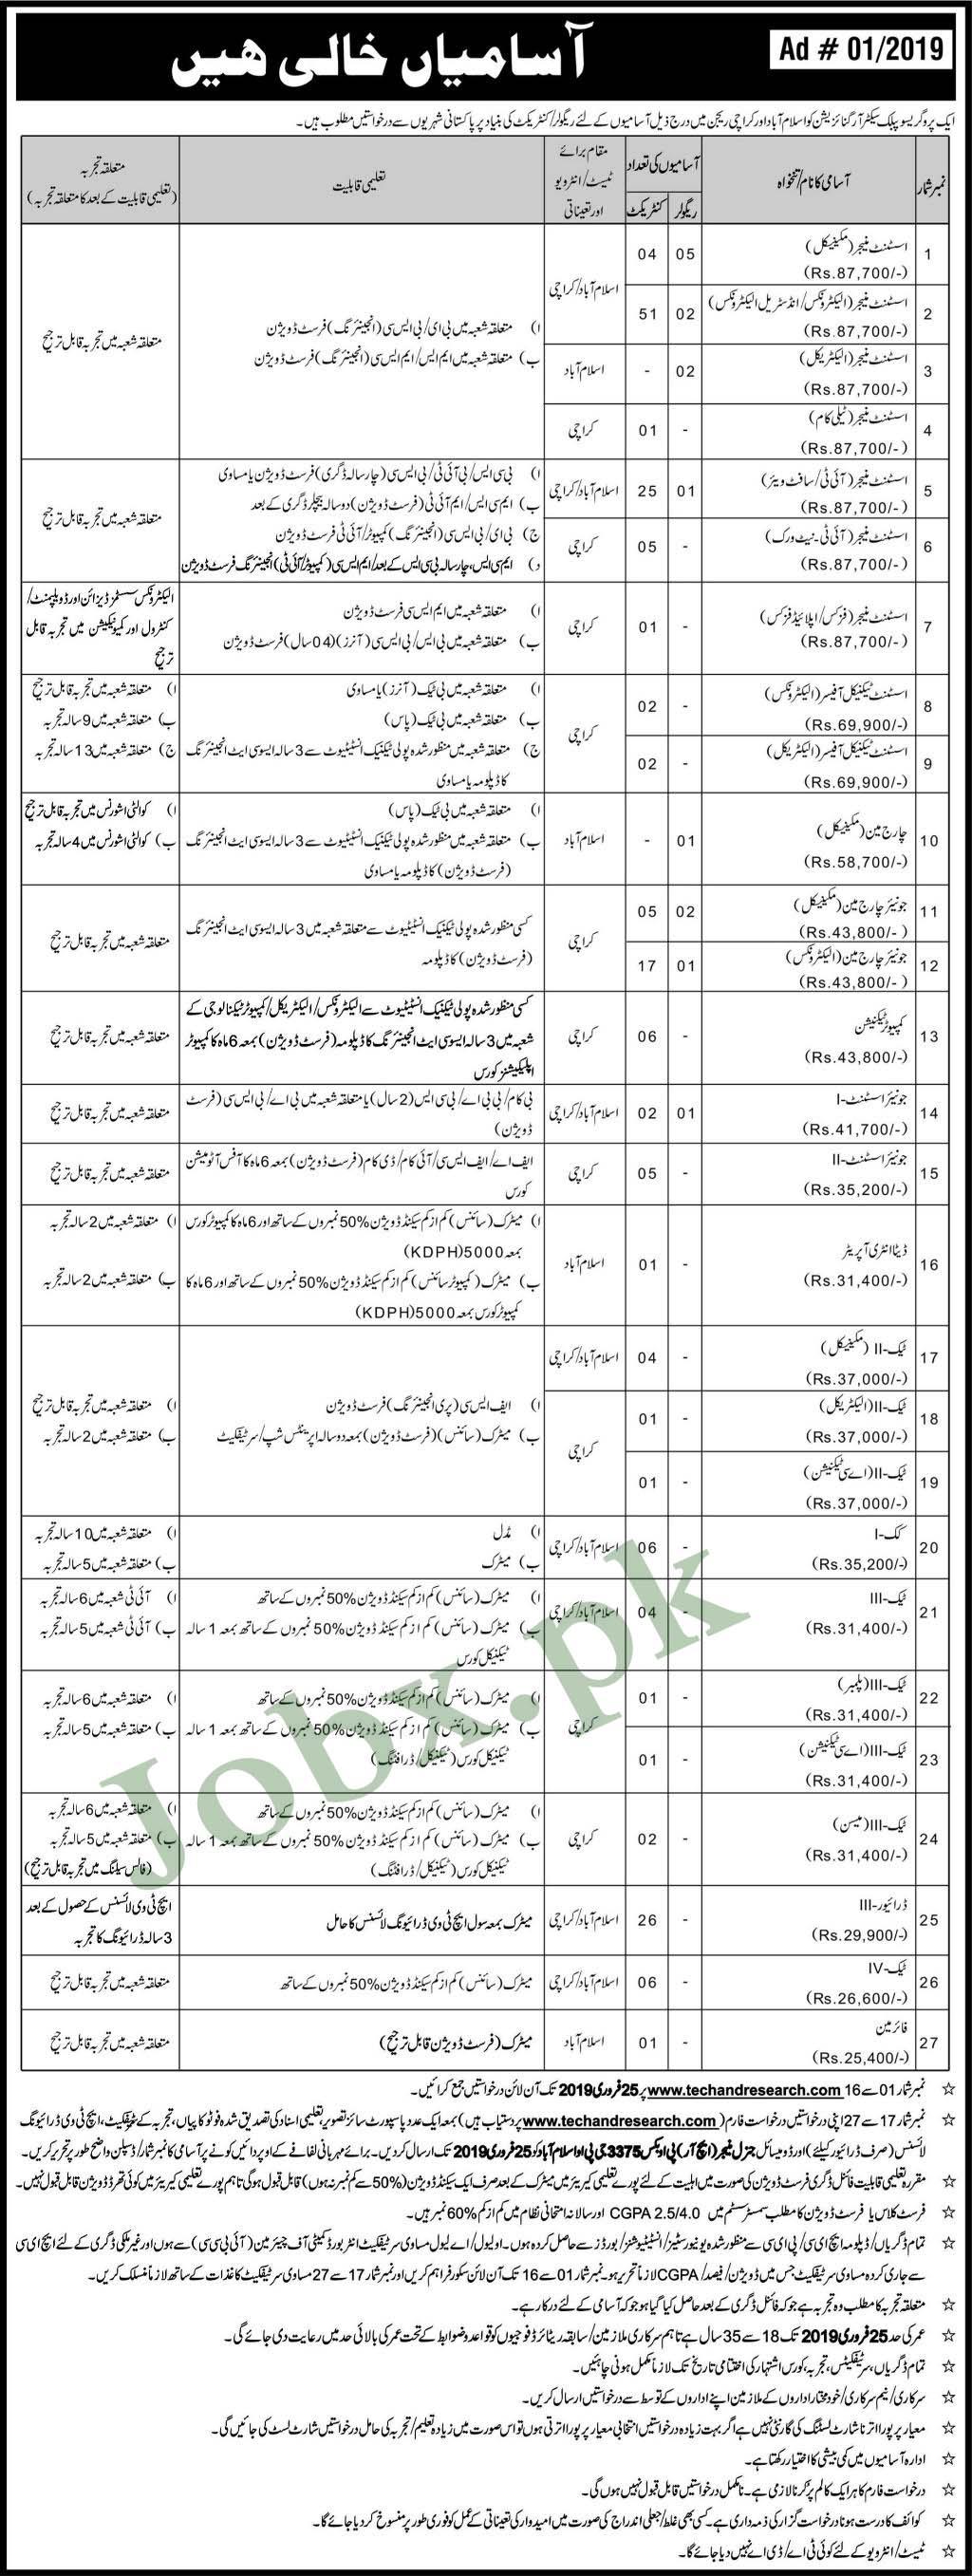 Jobs in Islamabad & Karachi Region Sunday 10 feb 2019